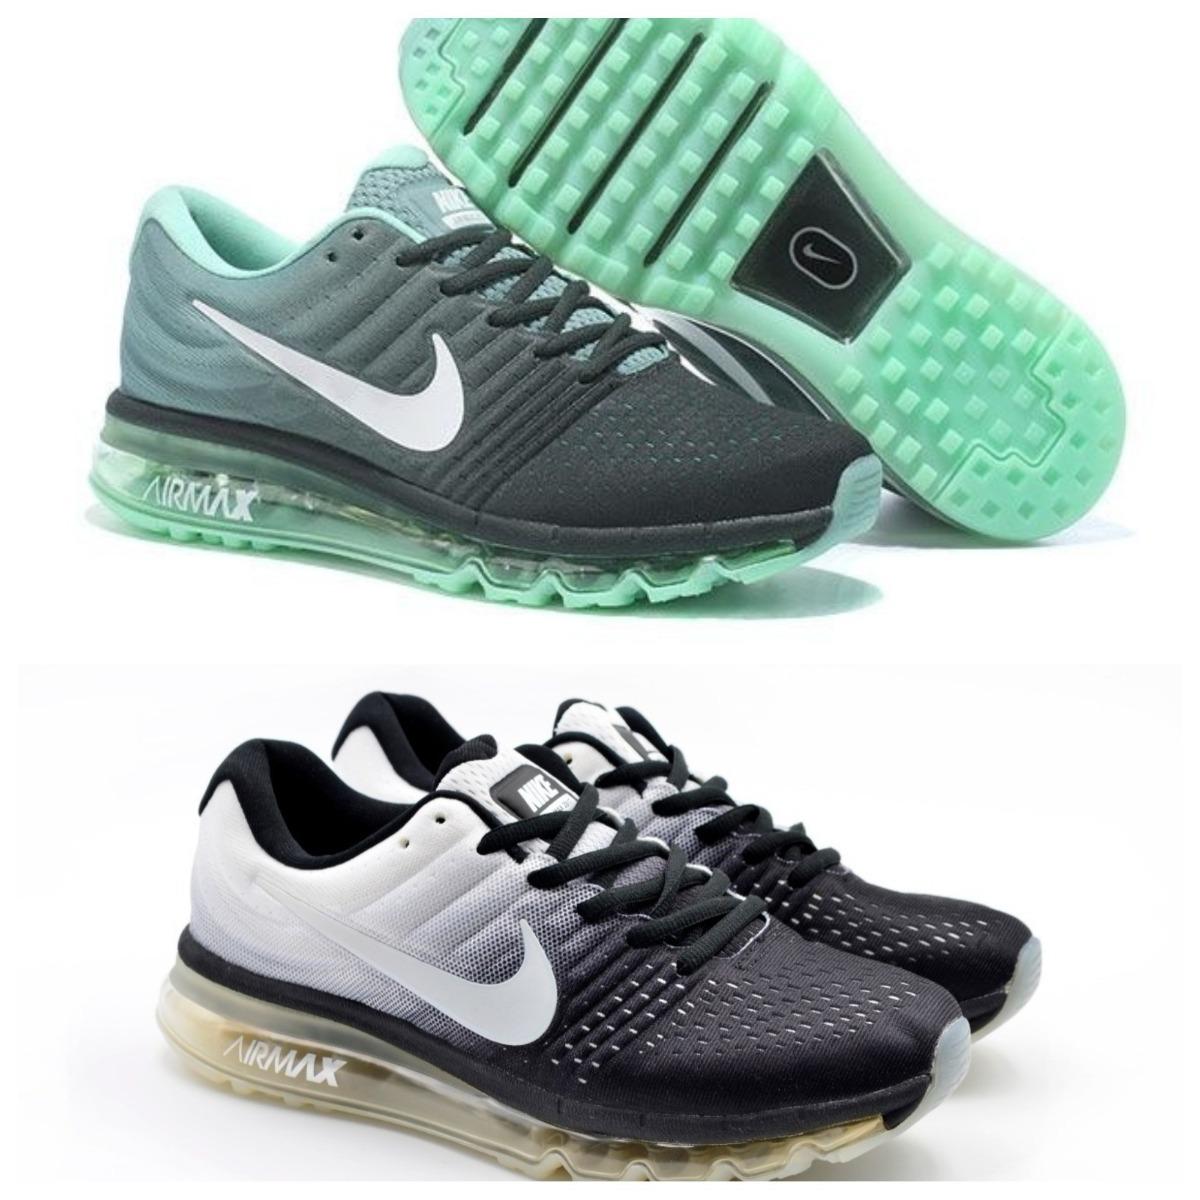 modelos de zapatillas air max brd4fb7a2